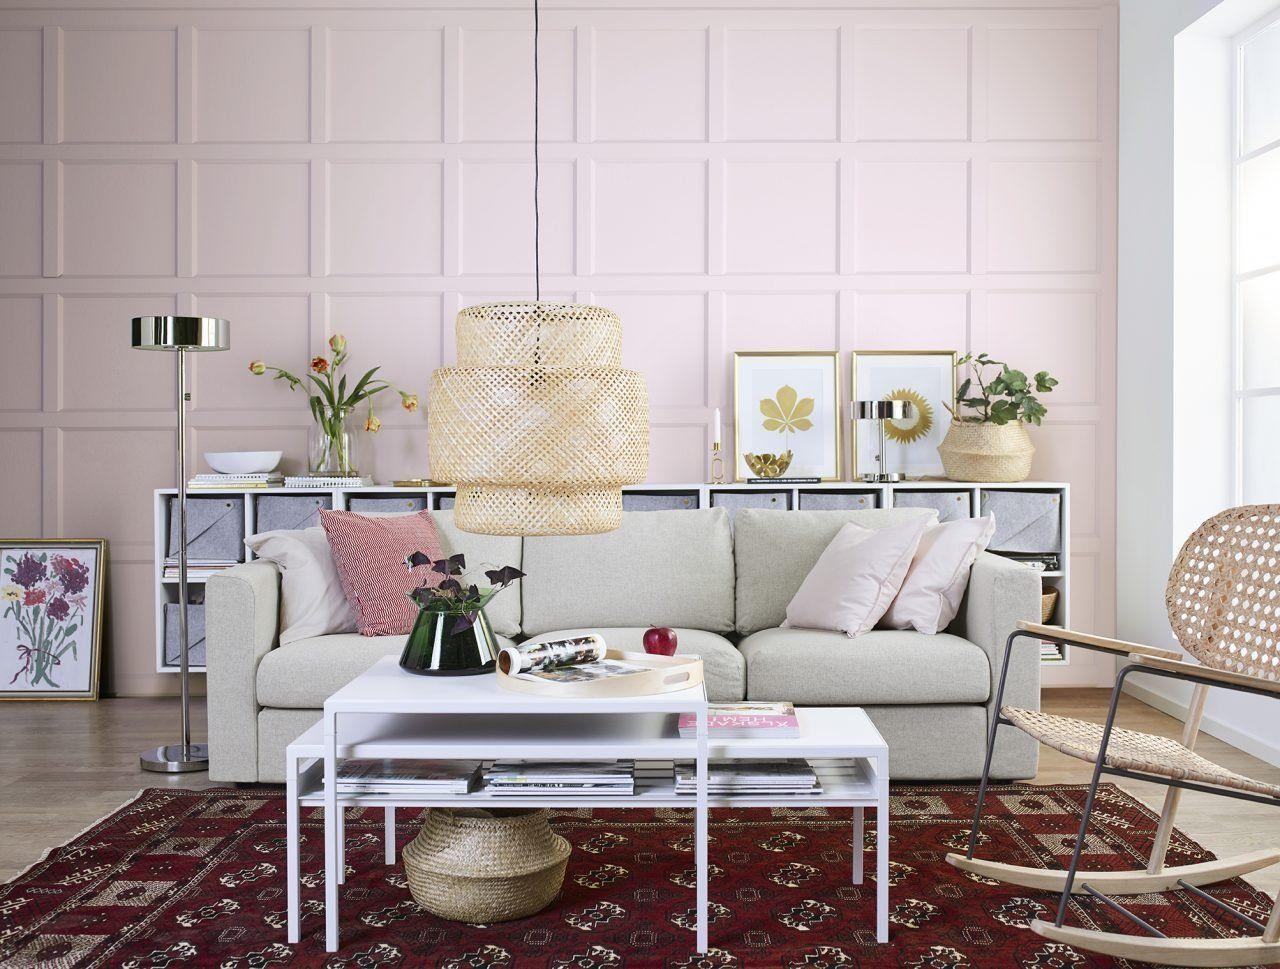 Hemos encontrado los sofás a los que querrás mudarte 'ipso facto'